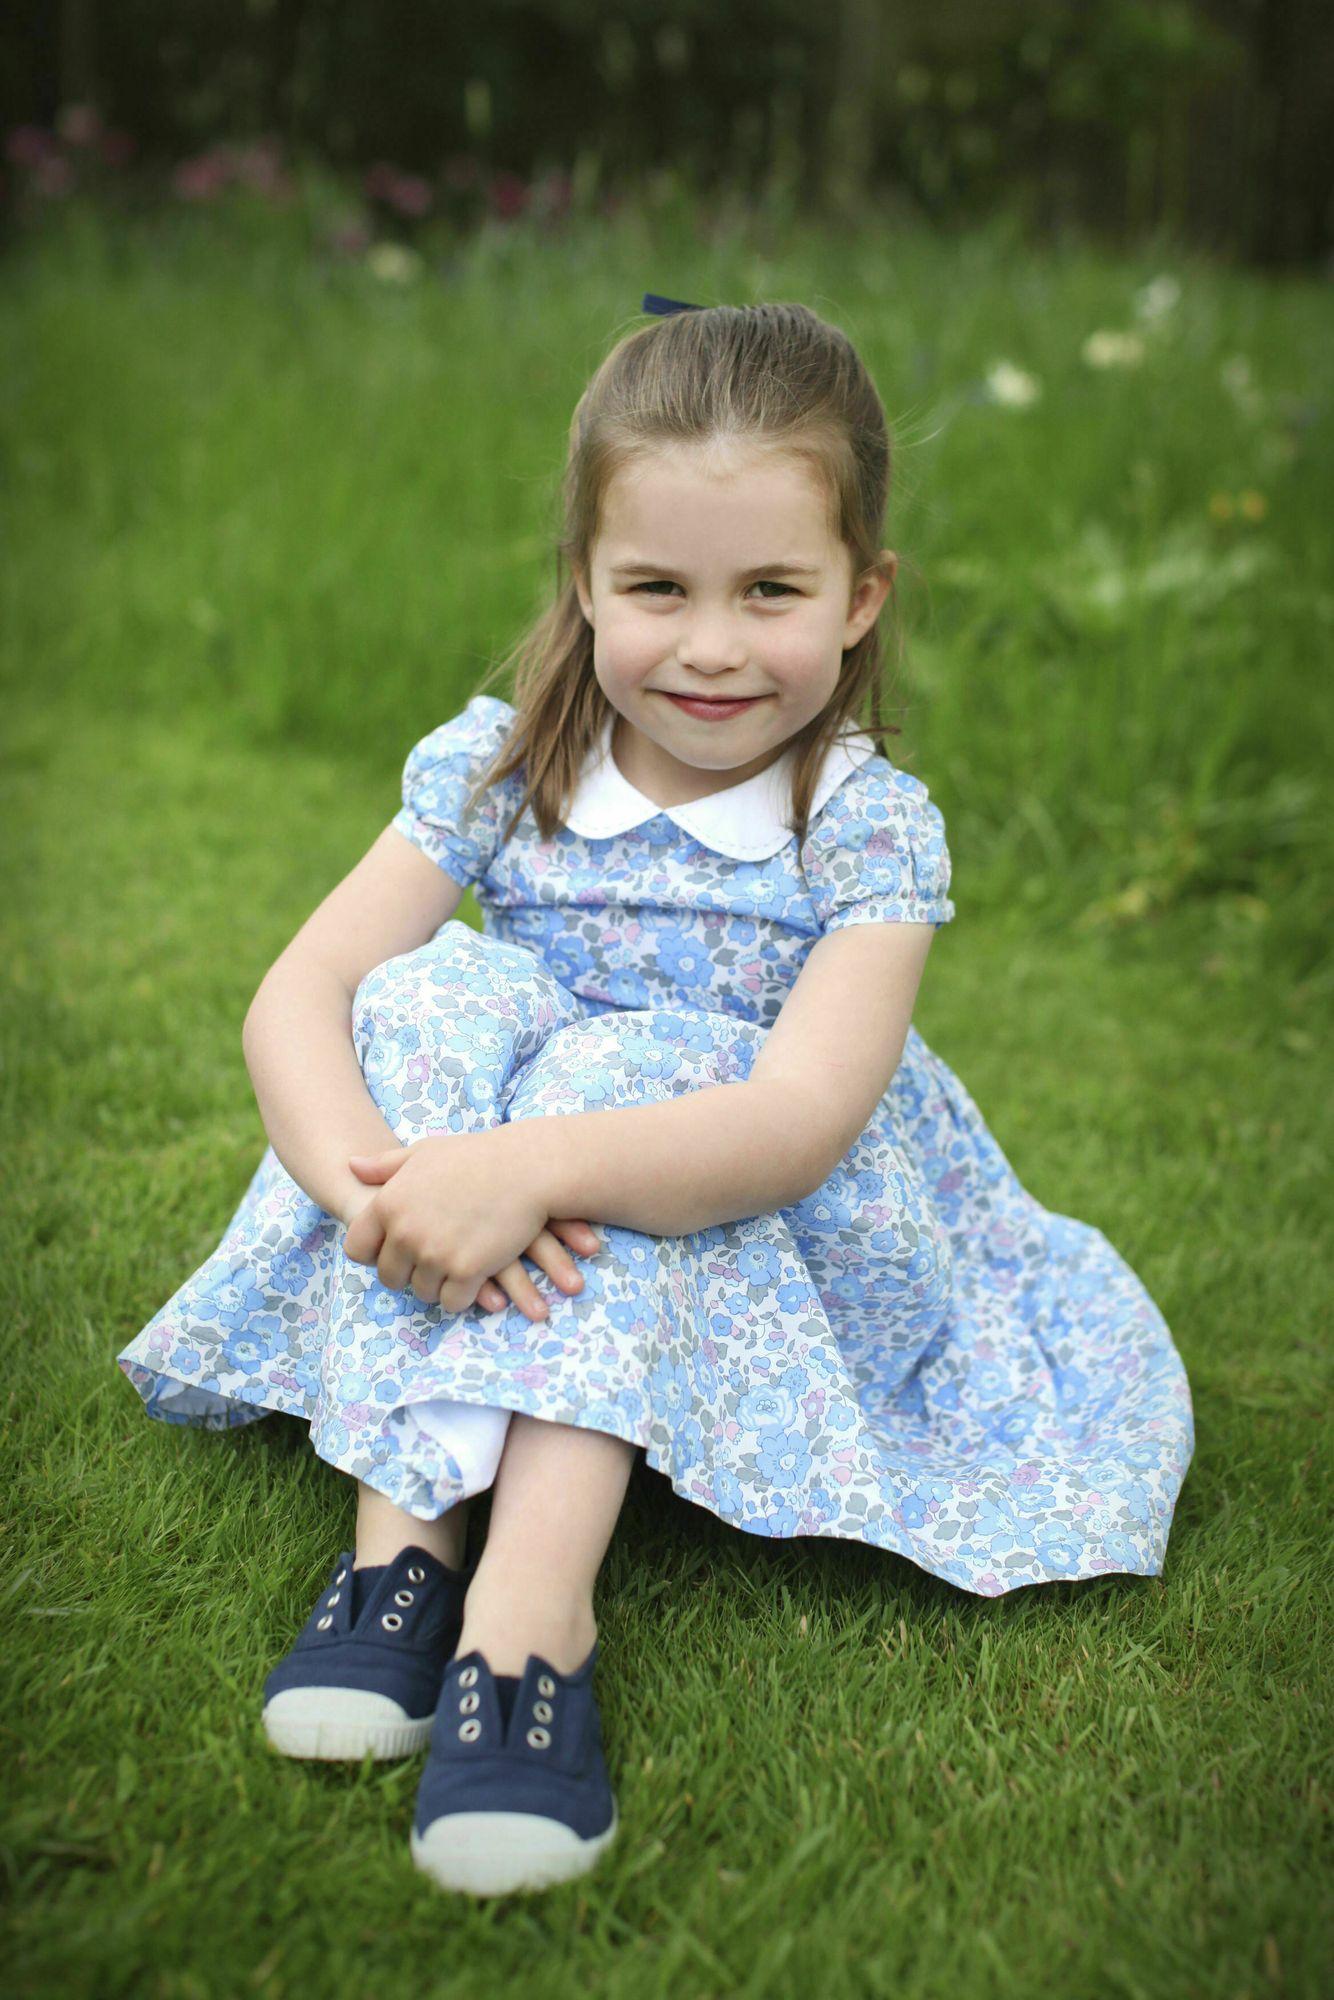 夏洛特公主都对着镜头微笑。